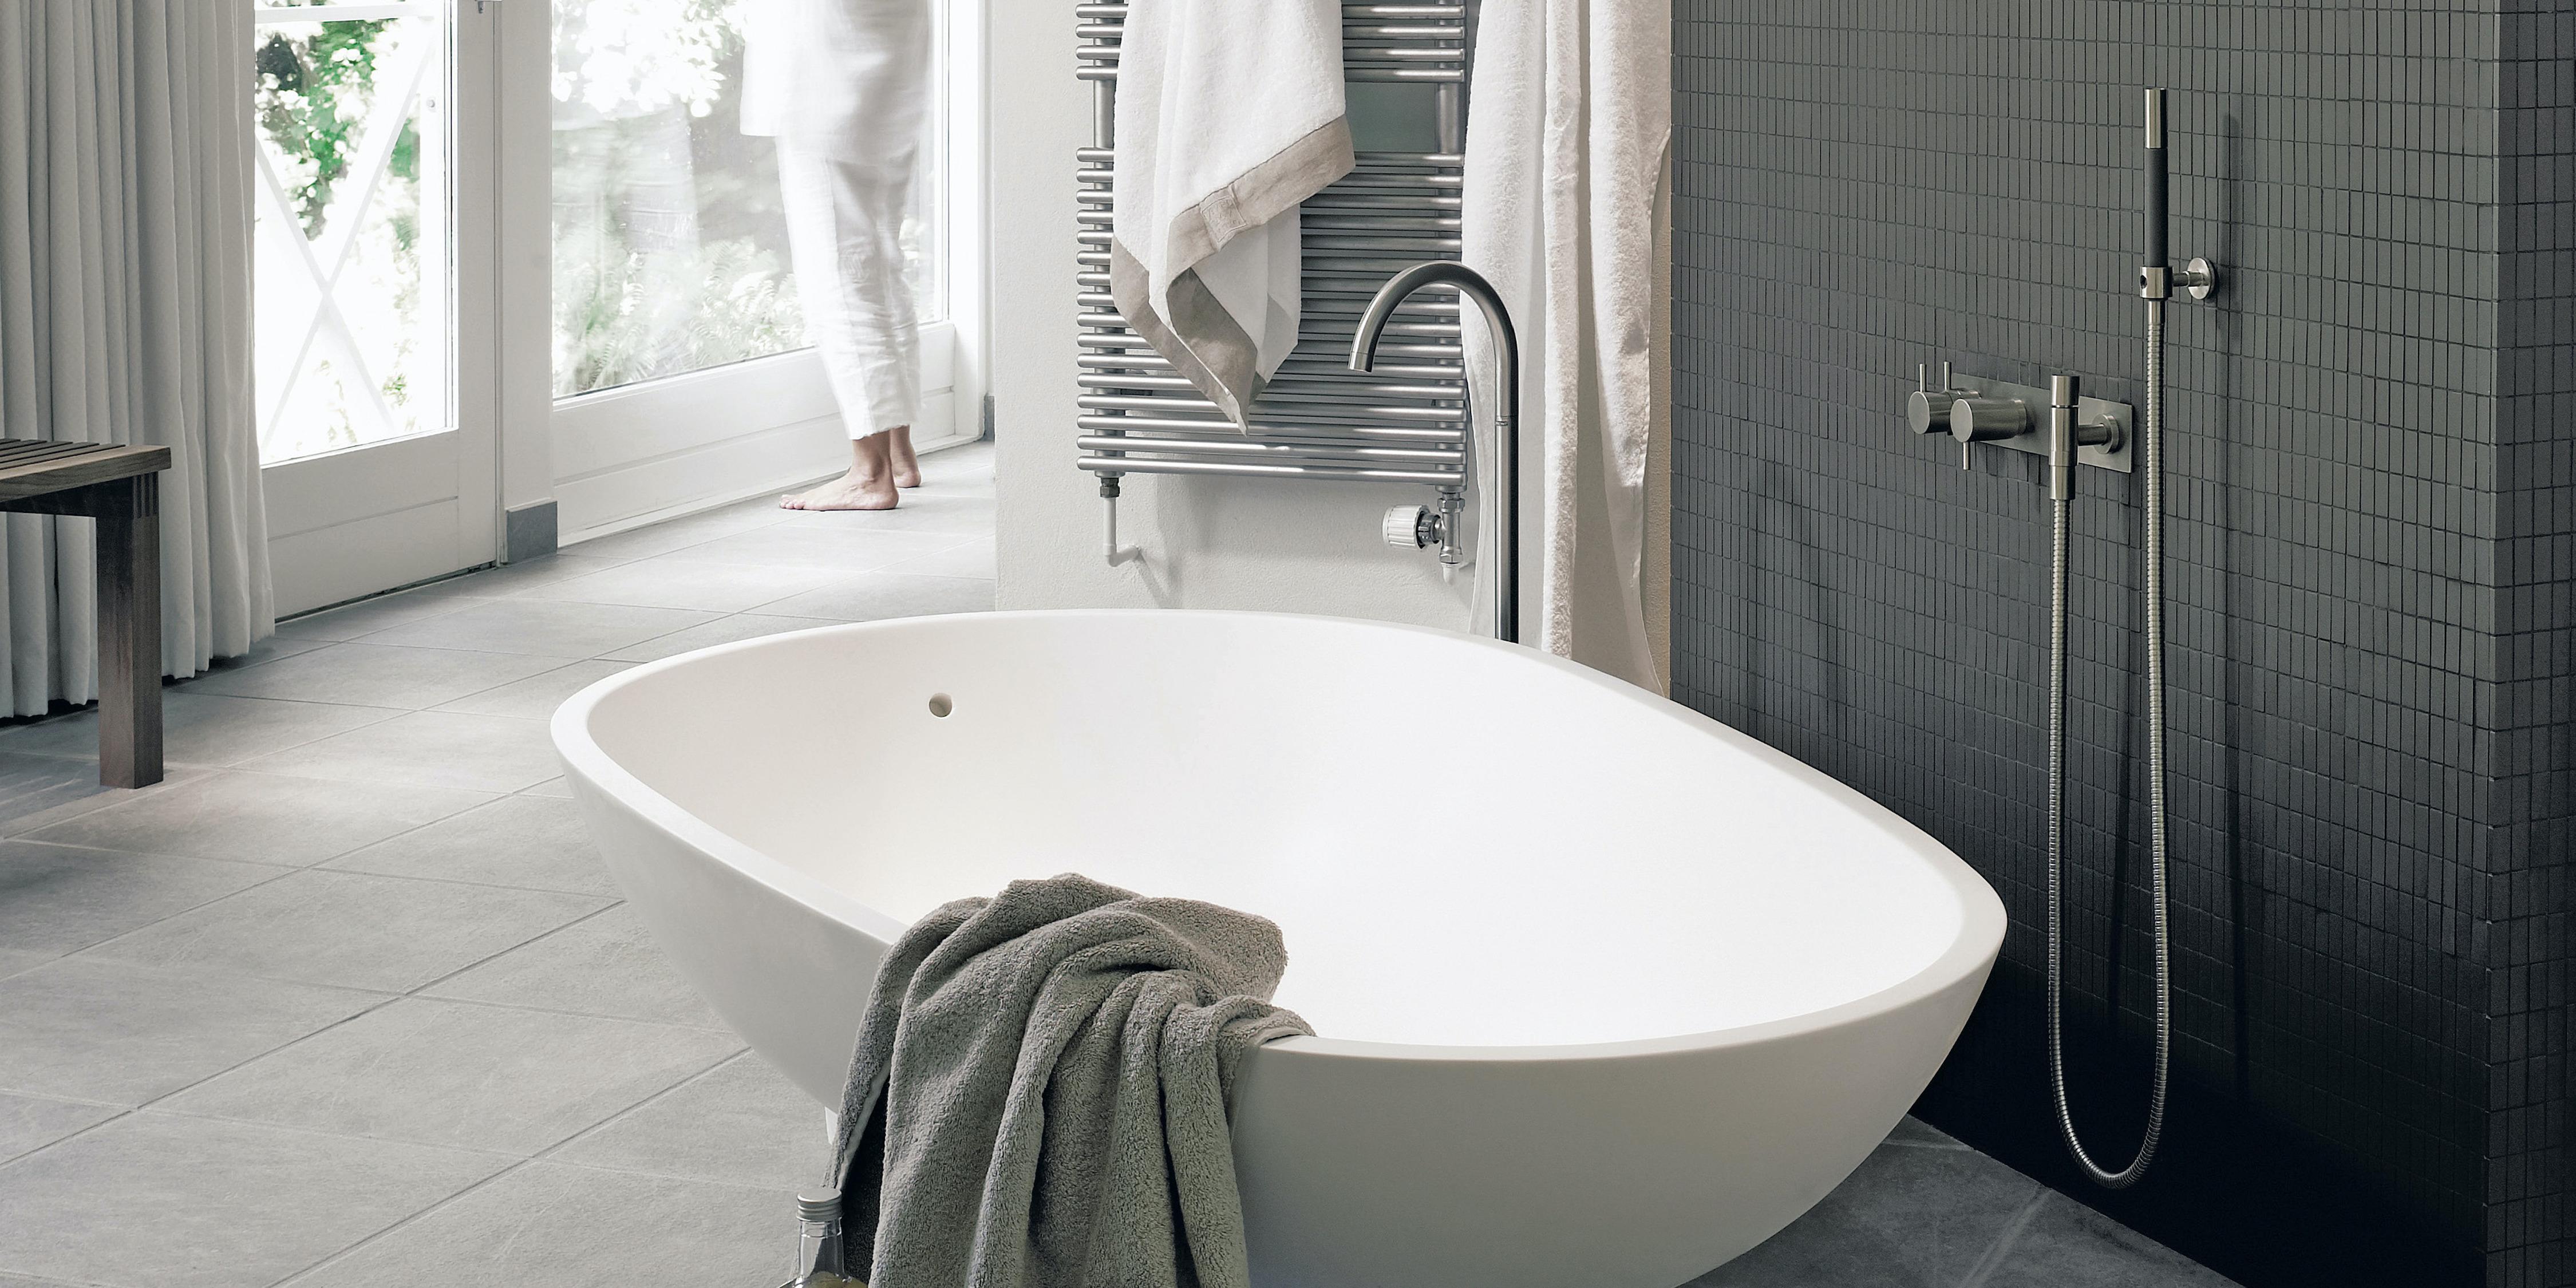 Ein moderner Look & Feel prägt die Bildwelt des Traditionsunternehmens Blanke.